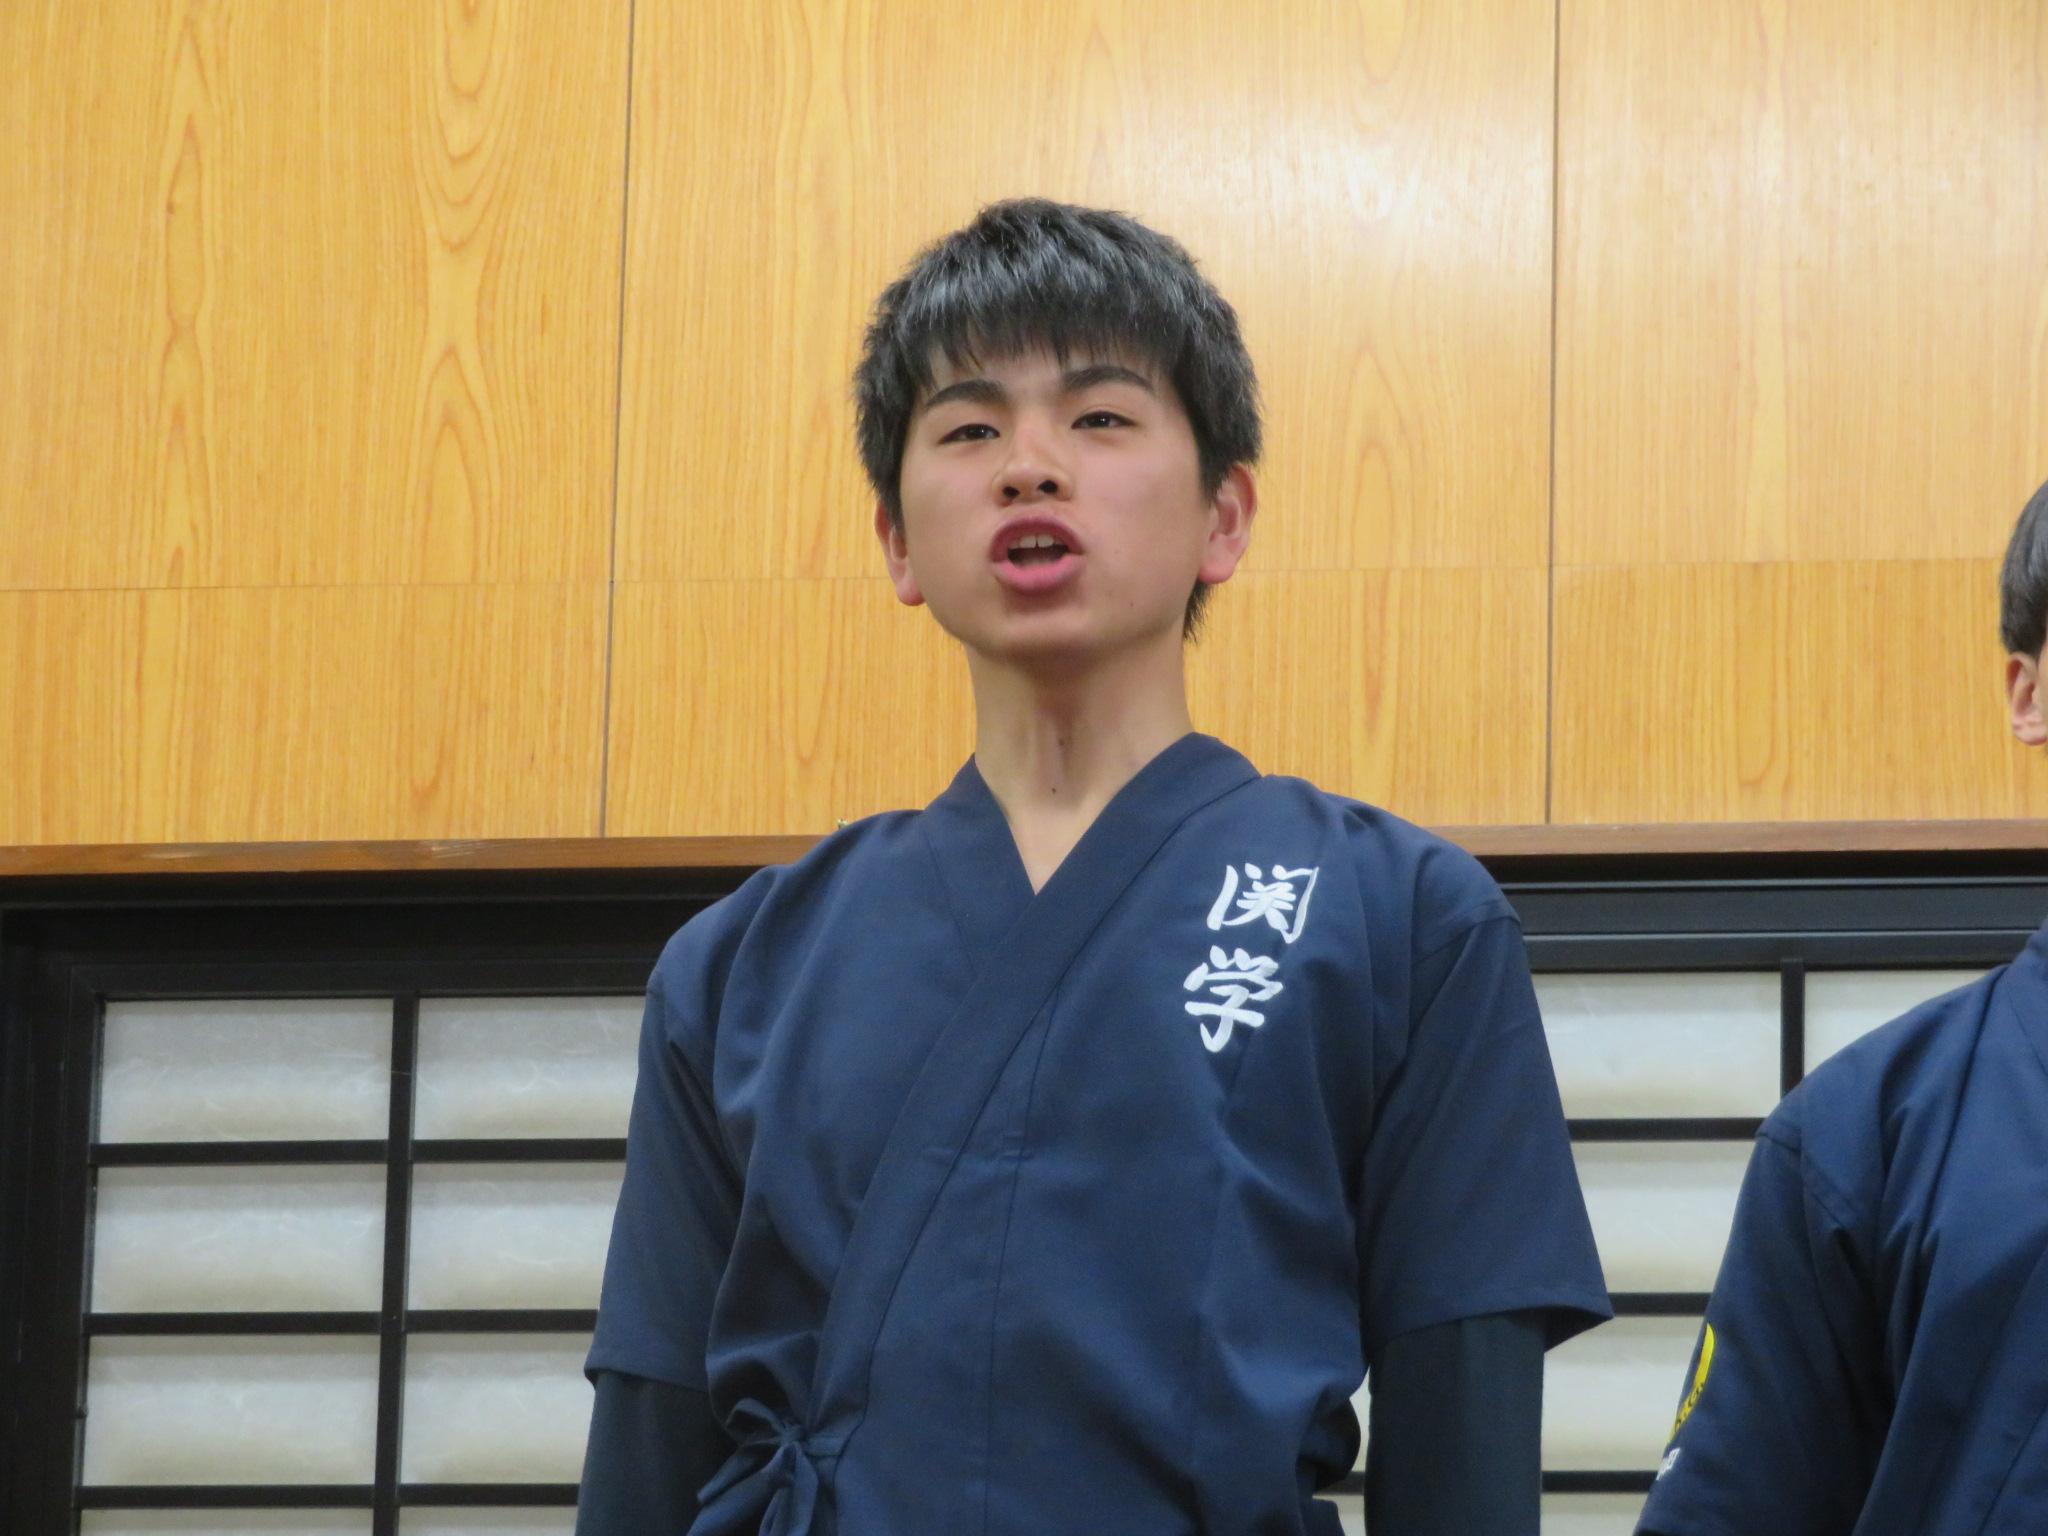 坂本健介 福岡大学附属大濠高校出身 法学部